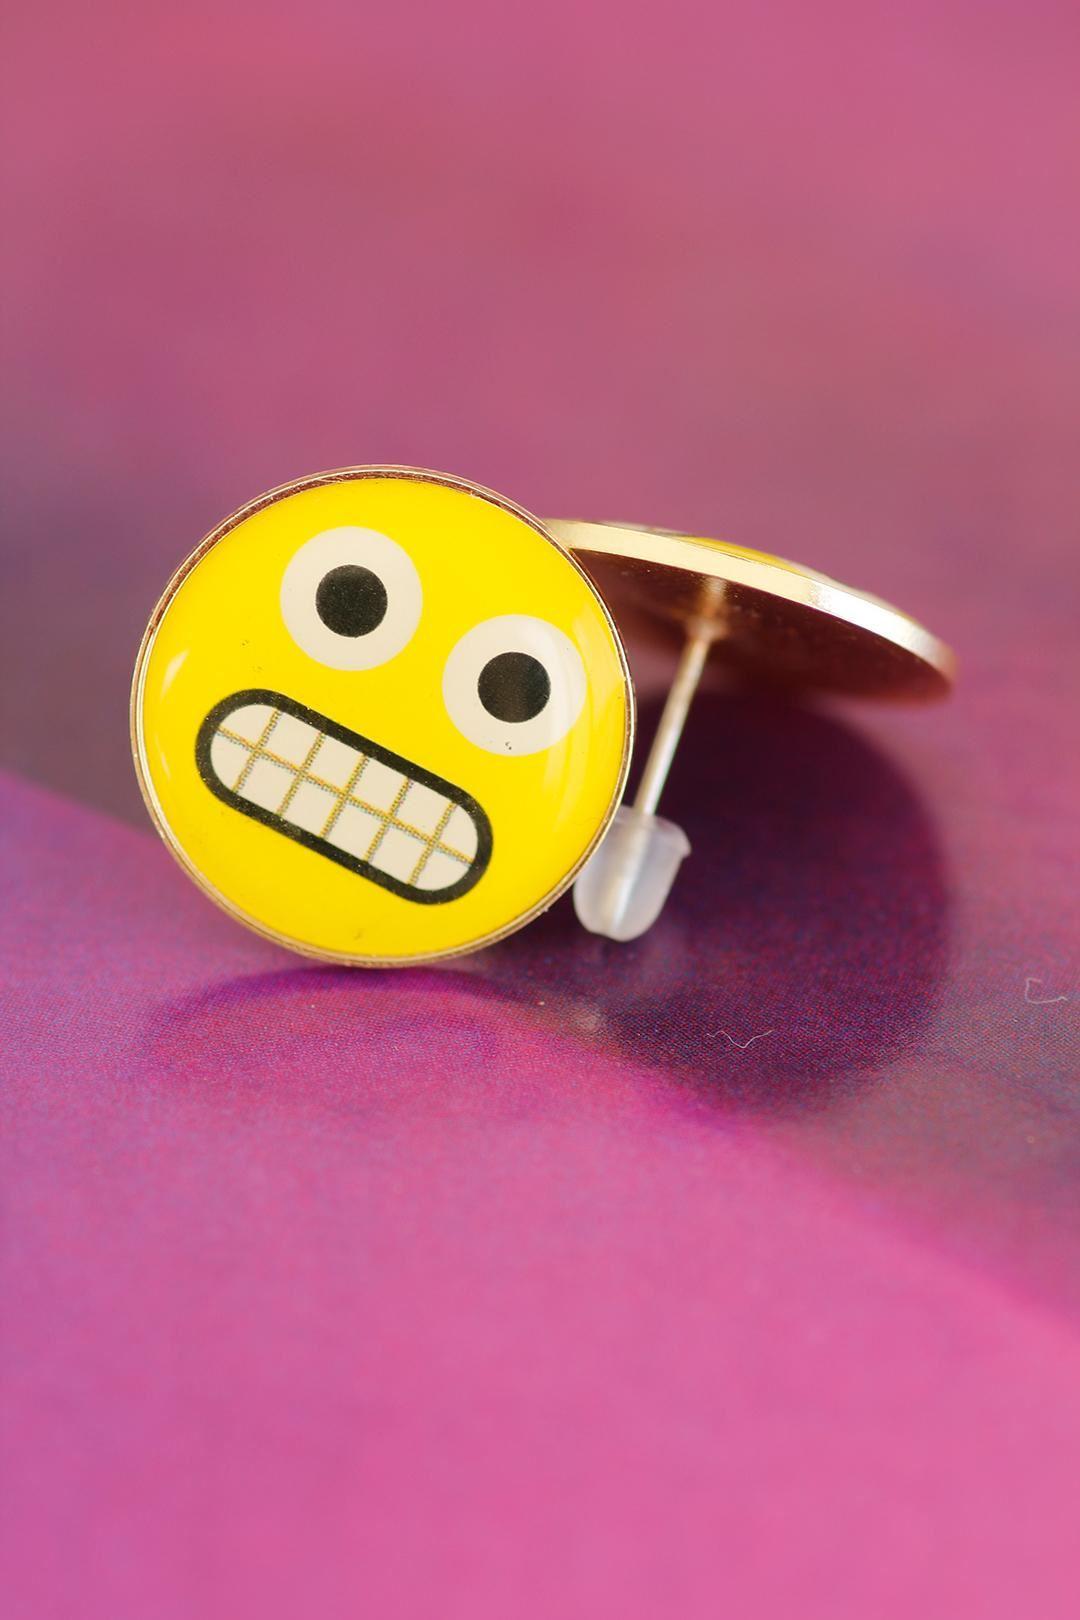 Emoji Tasarımlı Sarı Yuvarlak Kızgın İfade Yüzlü Bayan Küpe Modeli